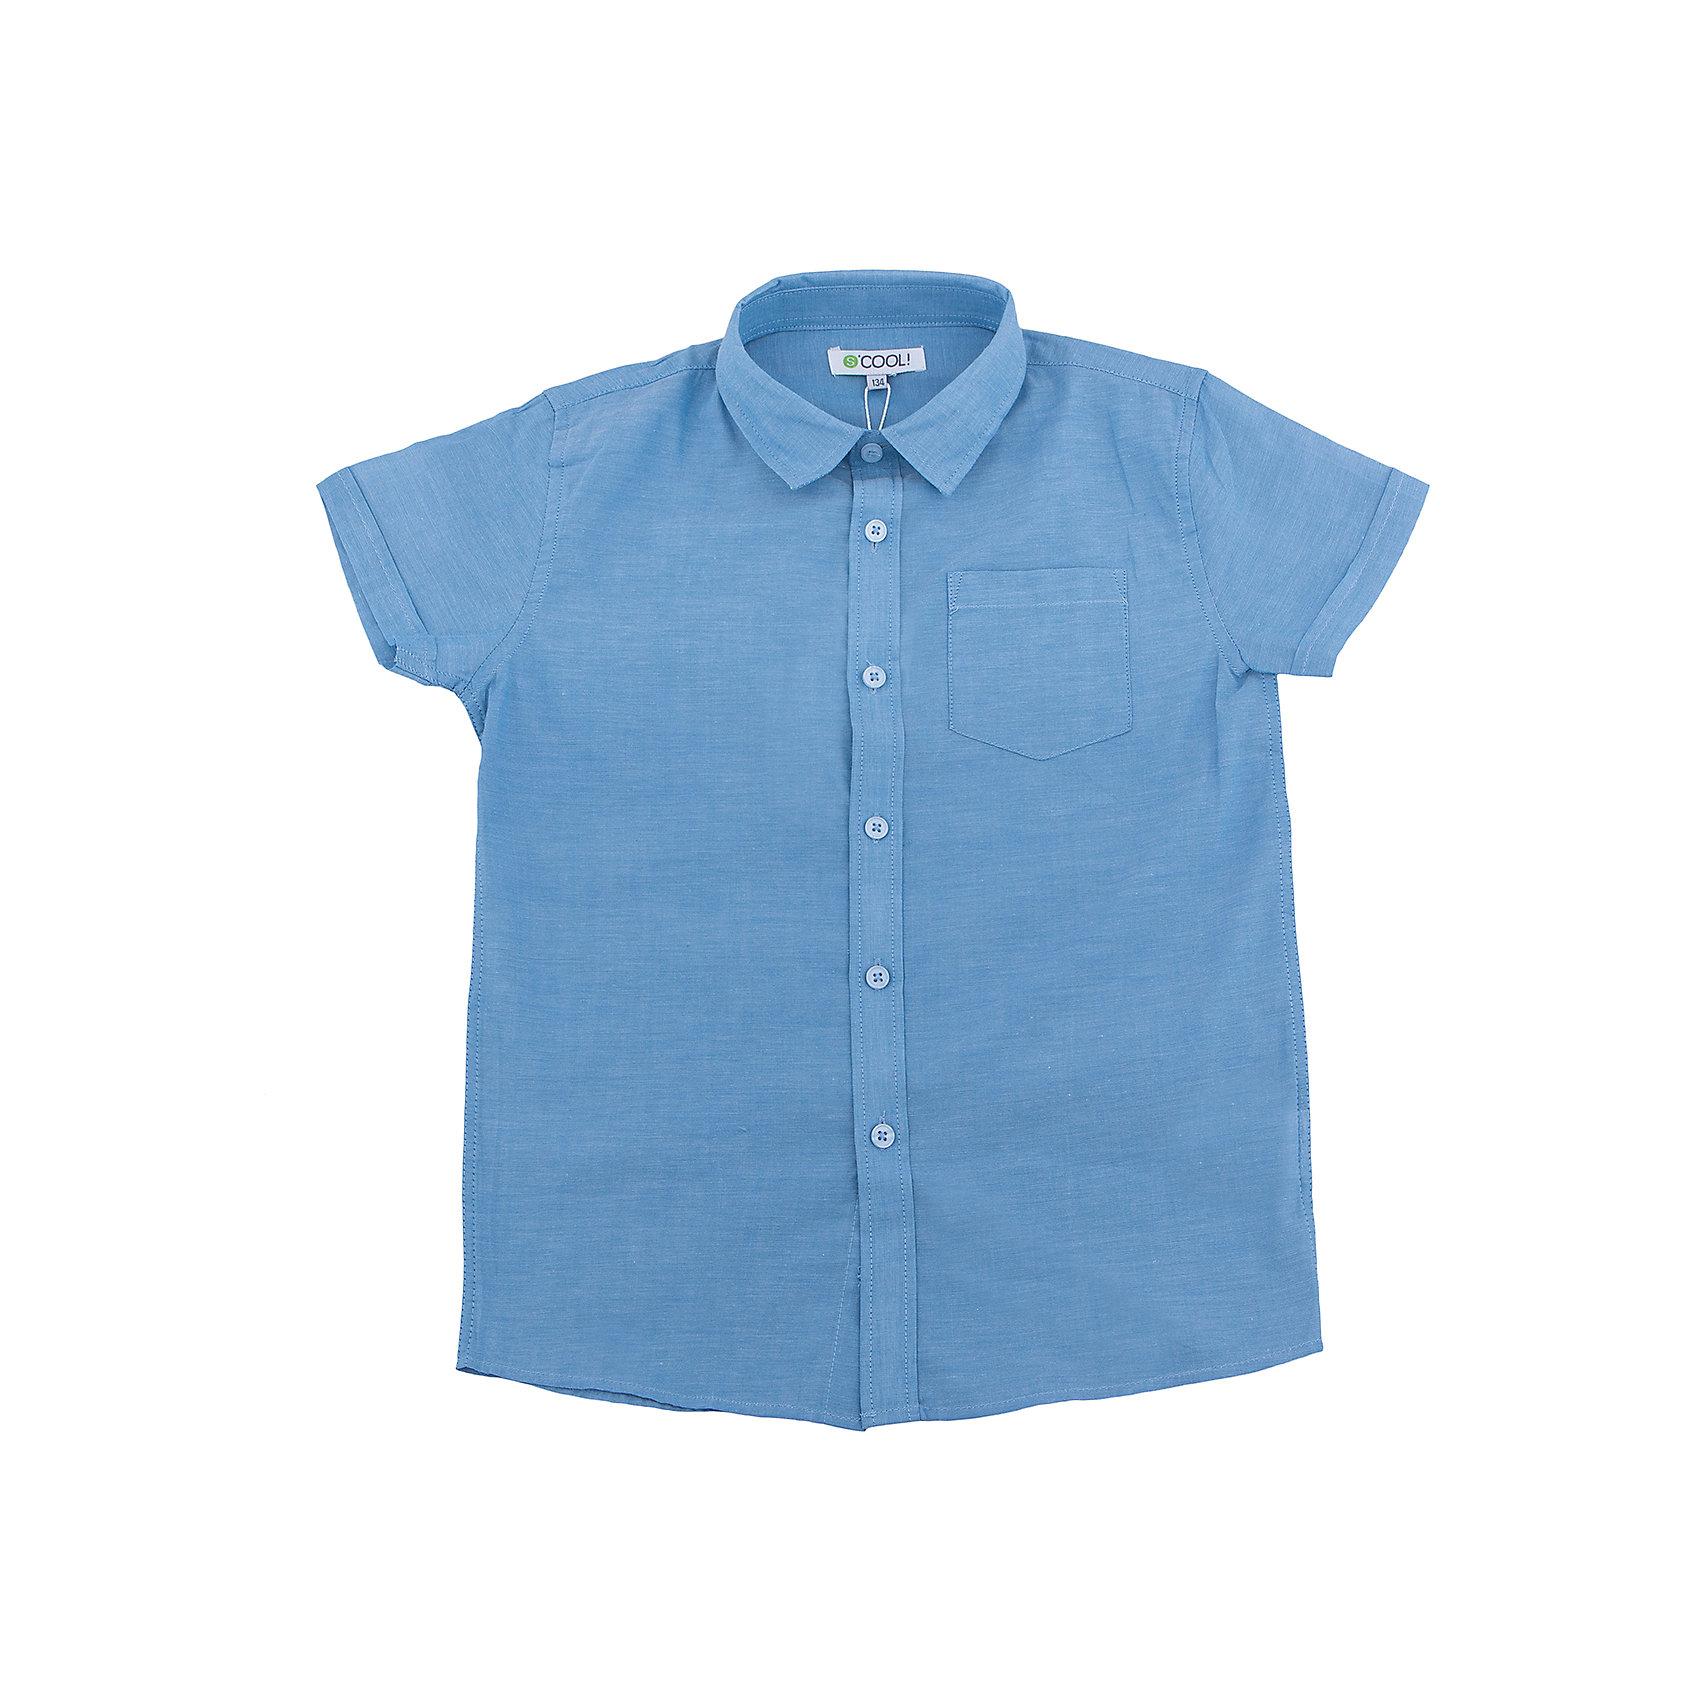 Рубашка для мальчика ScoolБлузки и рубашки<br>Характеристики товара:<br><br>• цвет: синий<br>• состав: 100% хлопок<br>• застежки: пуговицы<br>• дышащий материал<br>• свободная посадка<br>• легкая ткань<br>• короткие рукава<br>• комфортная посадка<br>• коллекция: весна-лето 2017<br>• страна бренда: Германия<br>• страна производства: Китай<br><br>Популярный бренд Scool выпустил новую коллекцию! Вещи из неё продолжают радовать покупателей удобством, стильным дизайном и продуманным кроем. Дети носят их с удовольствием. <br>Такая стильная модель обеспечит ребенку комфорт благодаря качественному материалу и продуманному крою. В составе ткани - натуральный хлопок, который позволяет коже дышать и не вызывает аллергии. Такие вещи очень просты в уходе.<br>Scool - это линейка товаров, созданная специально для детей школьного возраста. Дизайнеры учитывают новые веяния моды и потребности детей. Порадуйте ребенка обновкой от проверенного производителя!<br><br>Рубашку для мальчика от известного бренда Scool можно купить в нашем интернет-магазине.<br><br>Ширина мм: 174<br>Глубина мм: 10<br>Высота мм: 169<br>Вес г: 157<br>Цвет: голубой<br>Возраст от месяцев: 96<br>Возраст до месяцев: 108<br>Пол: Мужской<br>Возраст: Детский<br>Размер: 134,164,152,158,146,140<br>SKU: 5604360